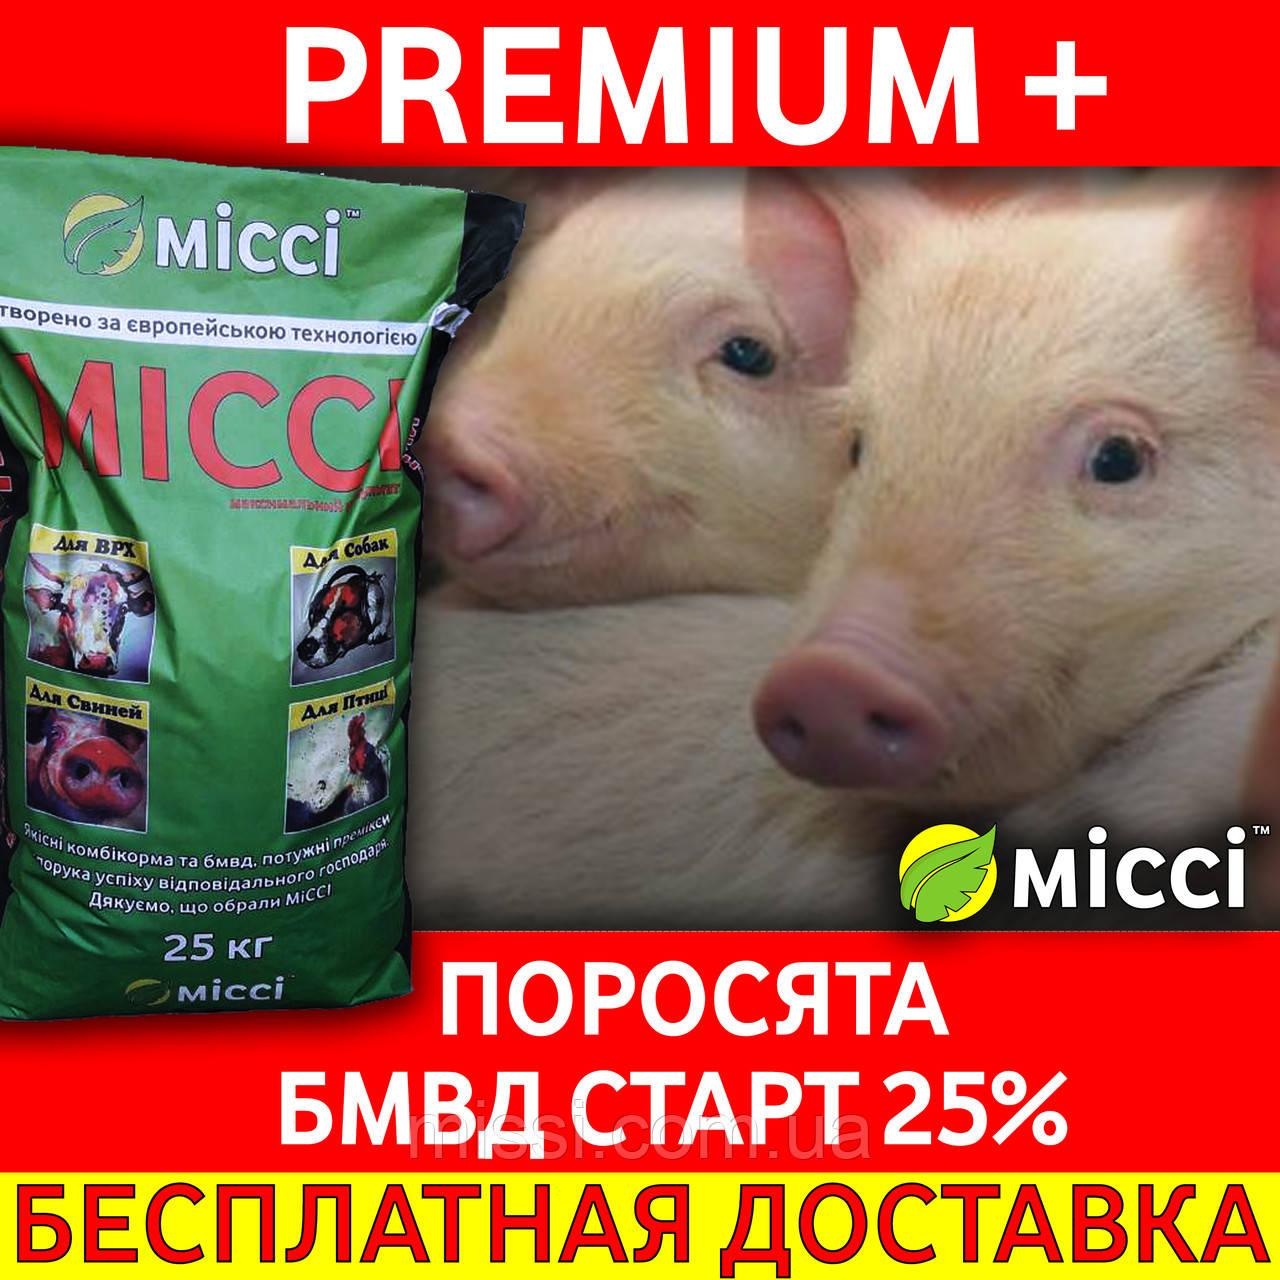 PREMIUM БМВД для Свиней СТАРТ 25% (мешок 25 кг) Мисси